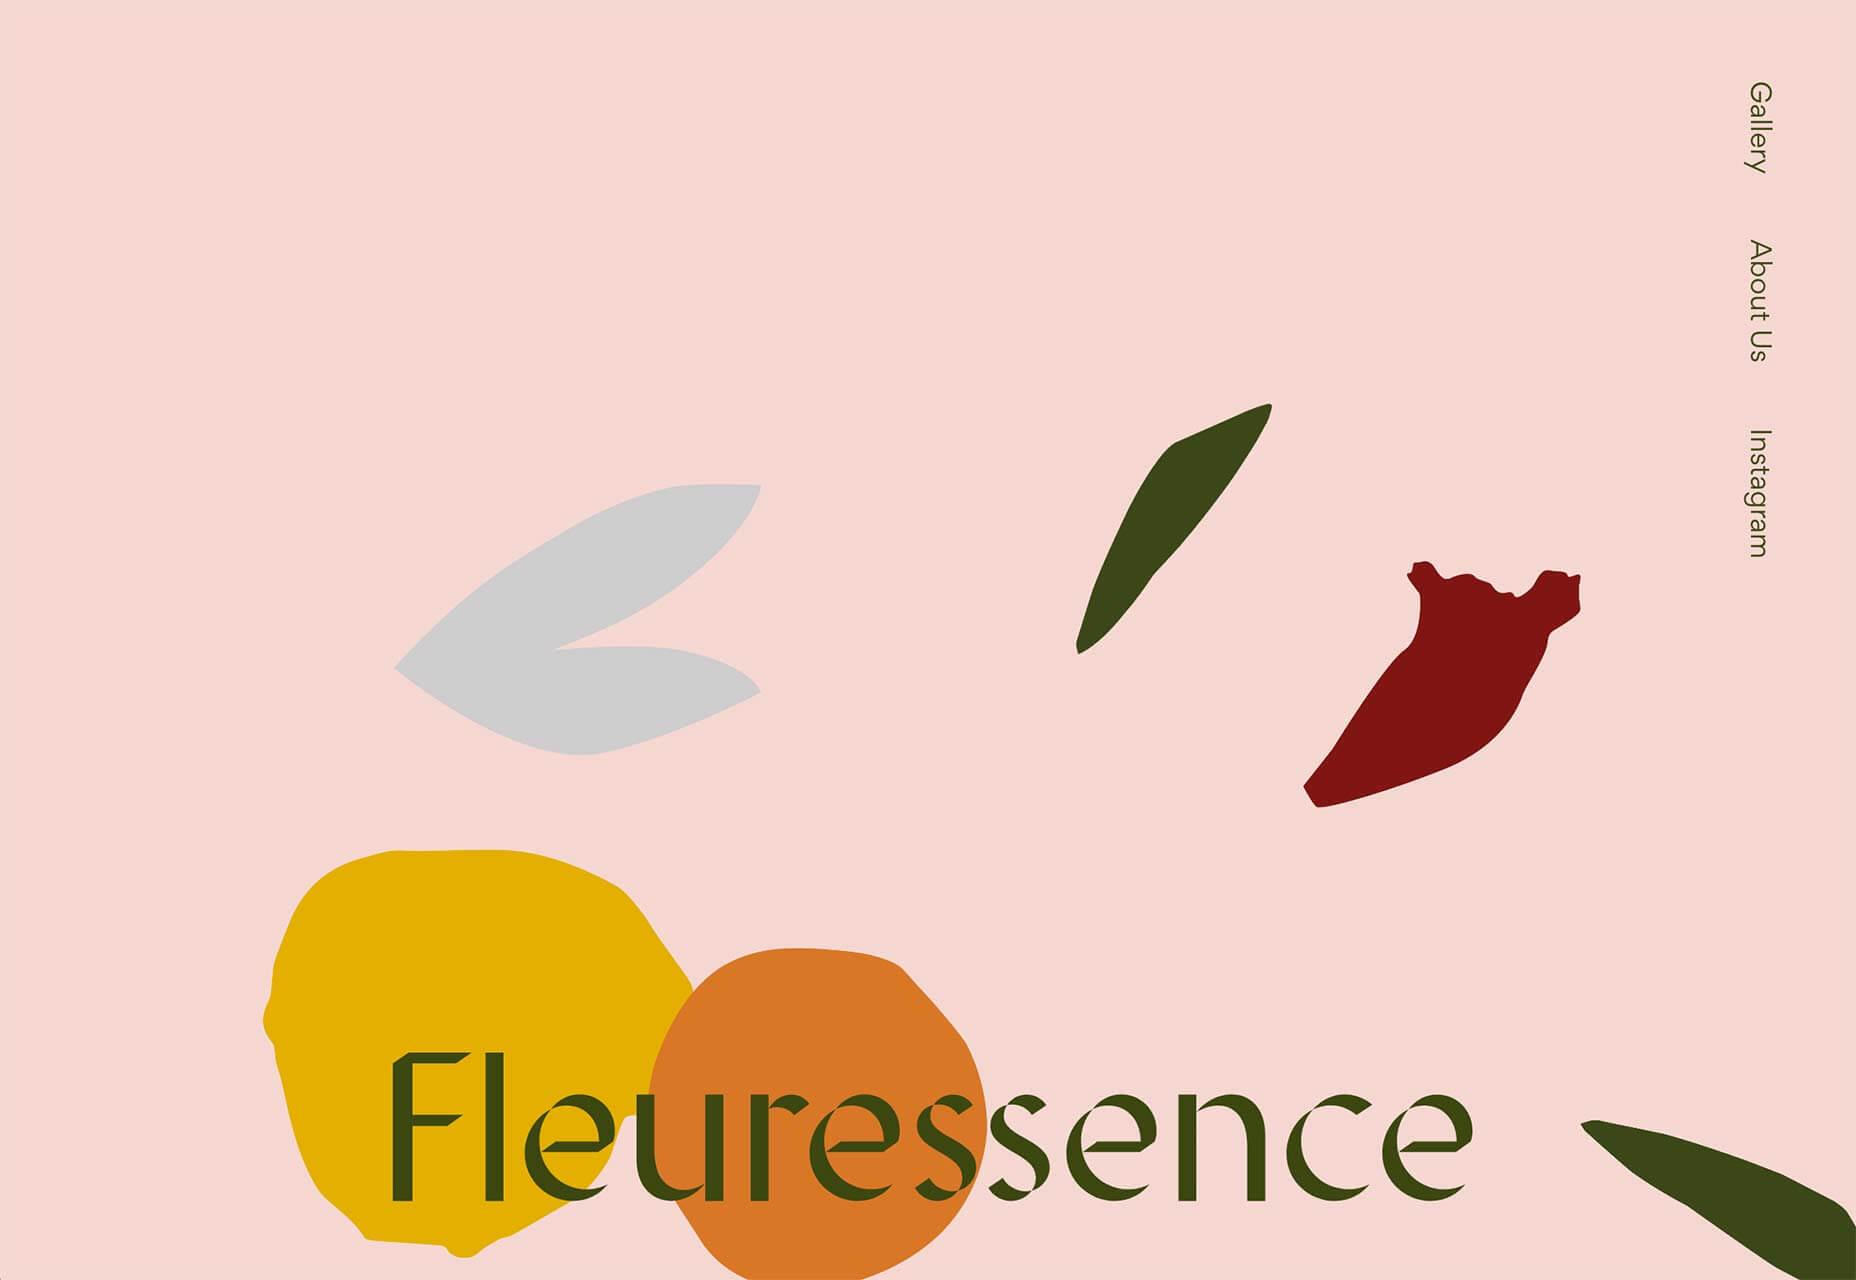 14_fleuressence